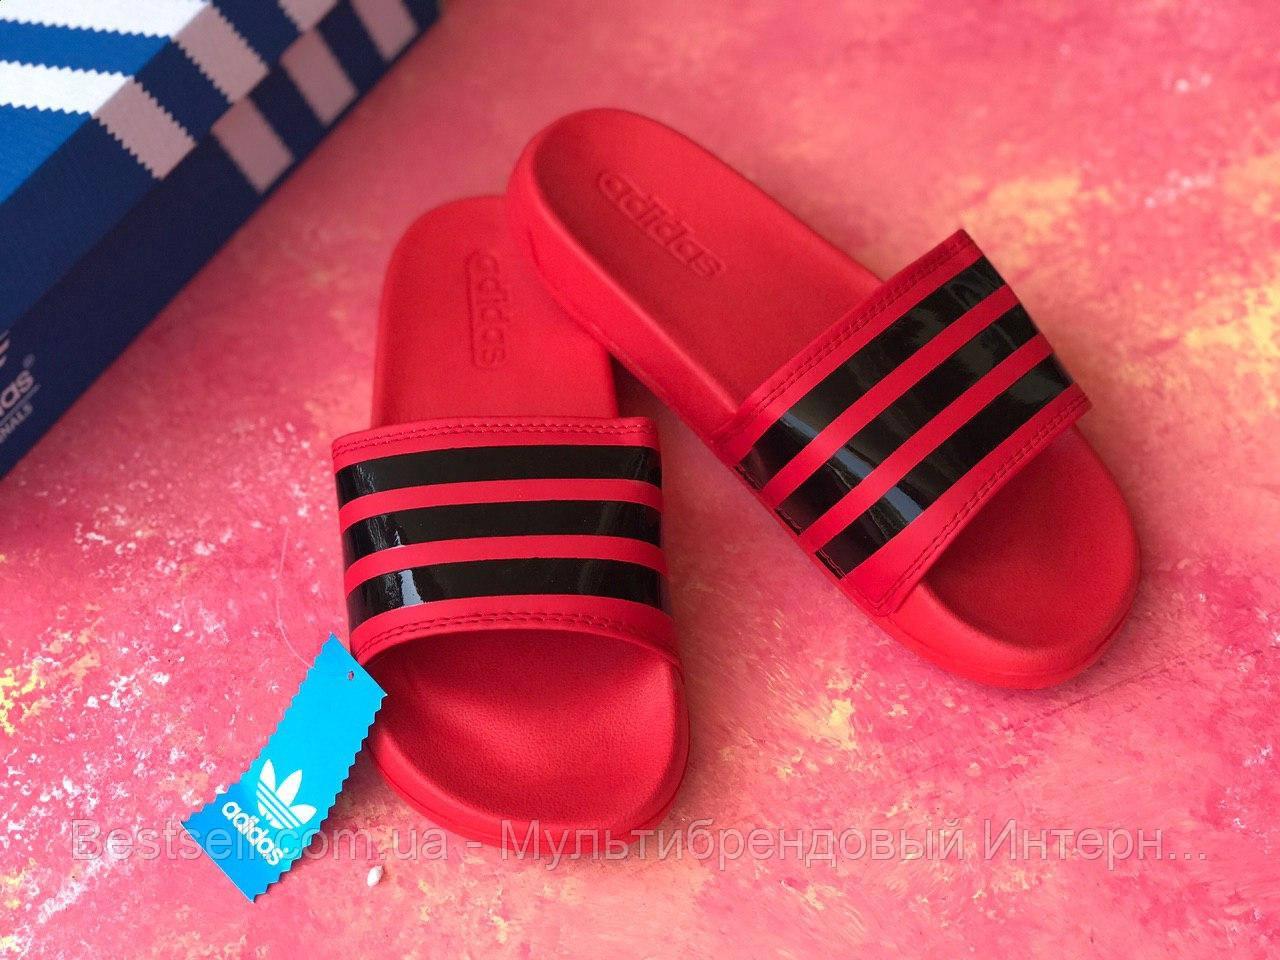 Шльопанці чоловічі крансые Adidas / Сланці /шльопанці /шльопанці адідас червоні